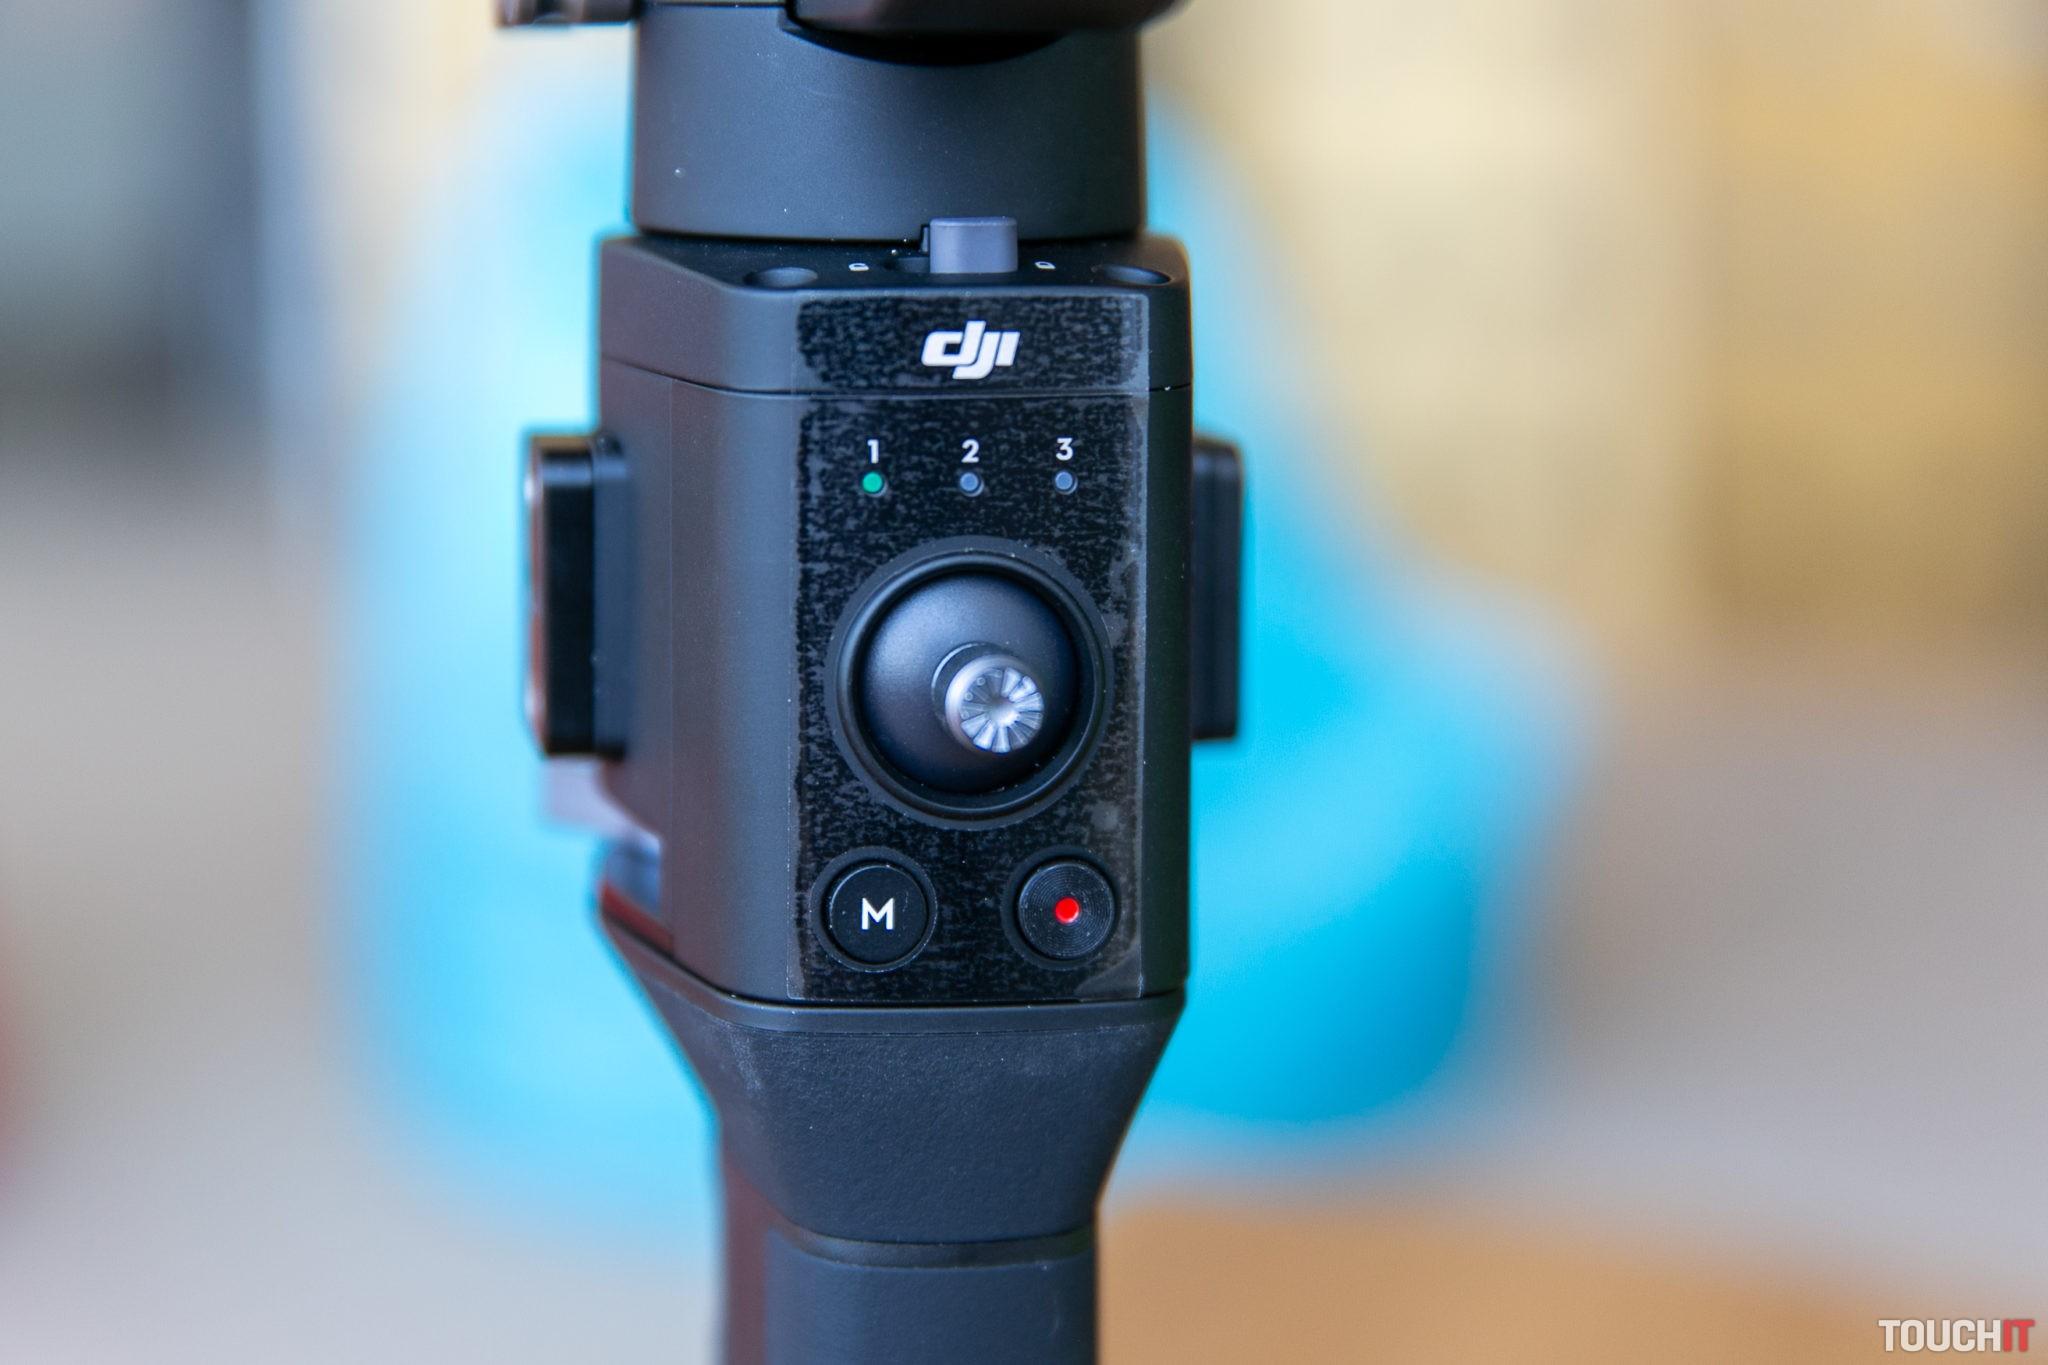 Takto sa ovláda poloha kamery a nastavujú používateľské režimy